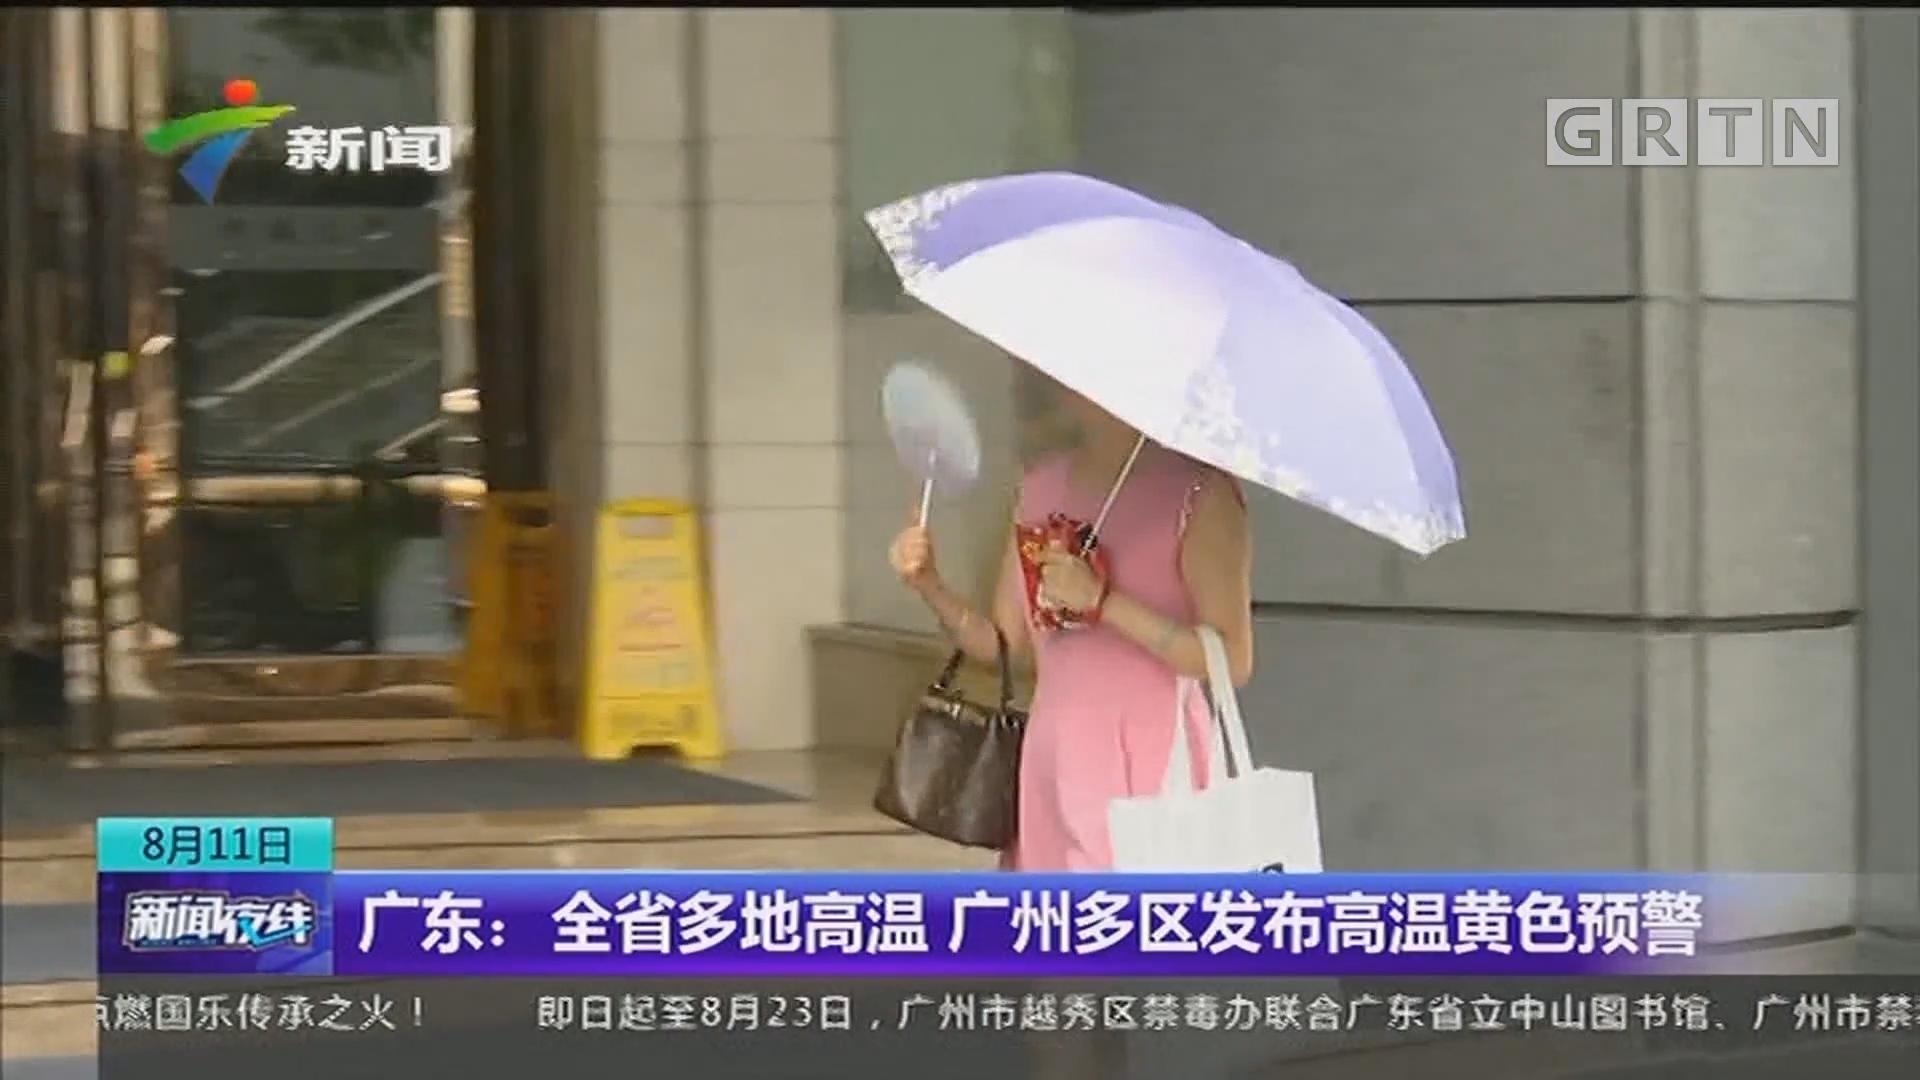 广东:全省多地高温 广州多区发布高温黄色预警